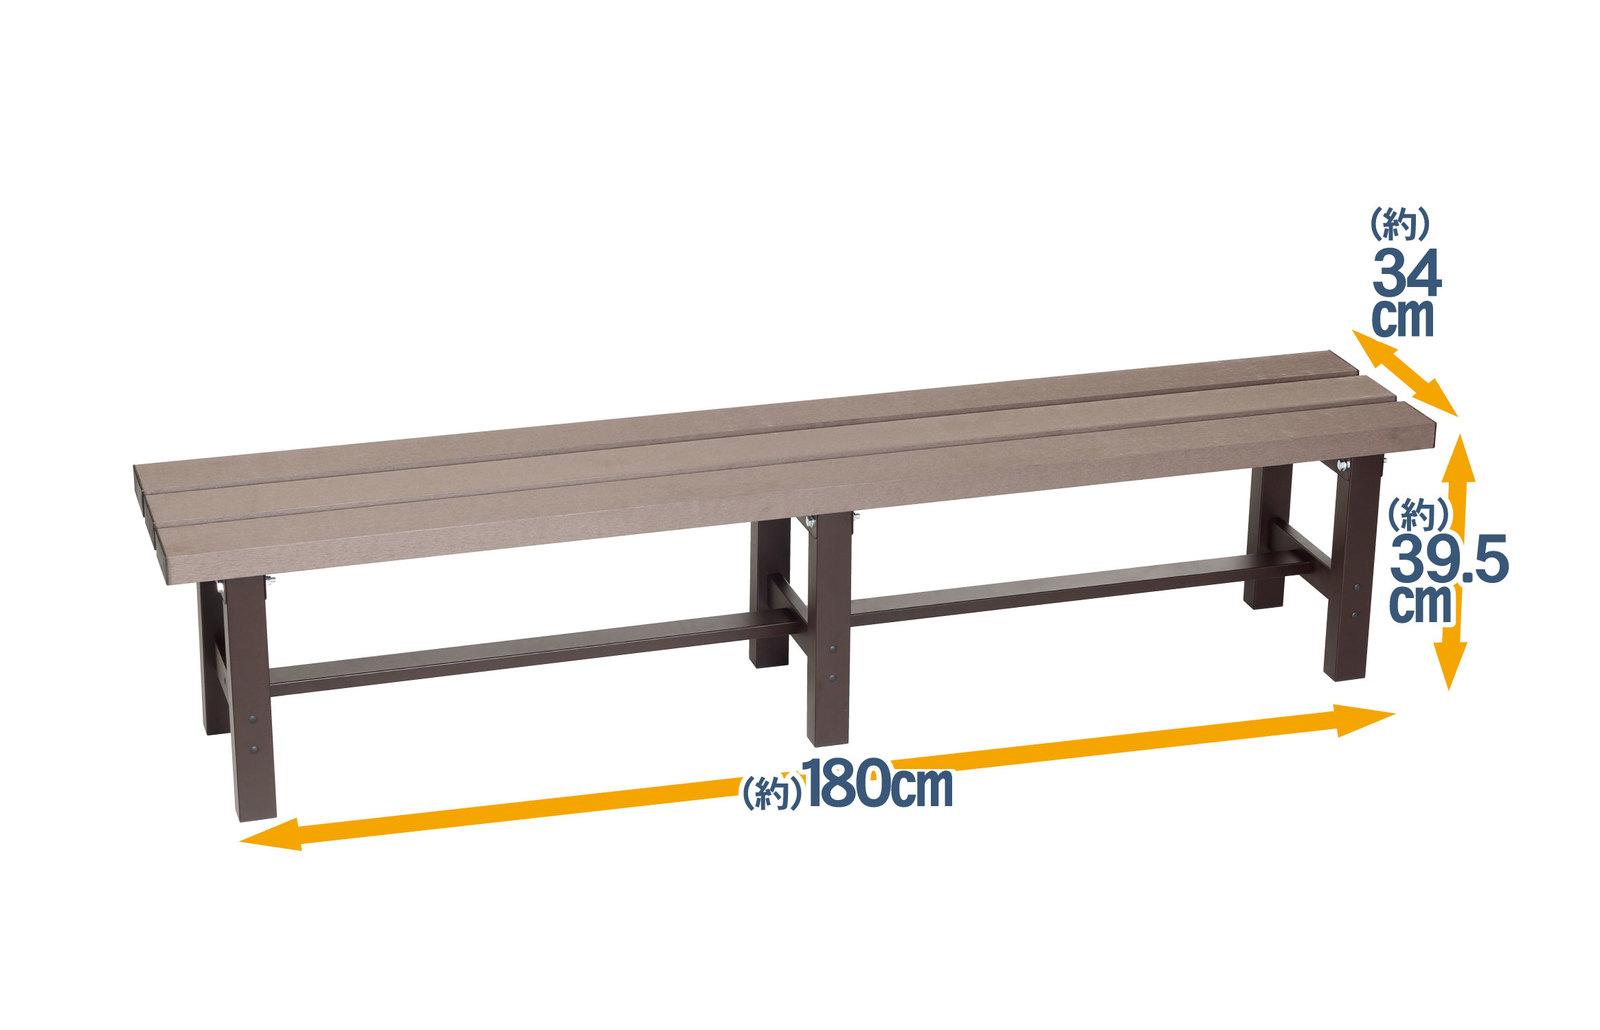 【メーカー直送 代引不可】グリーンライフ アルミ人工木縁台 幅180cmサイズ EA-180J